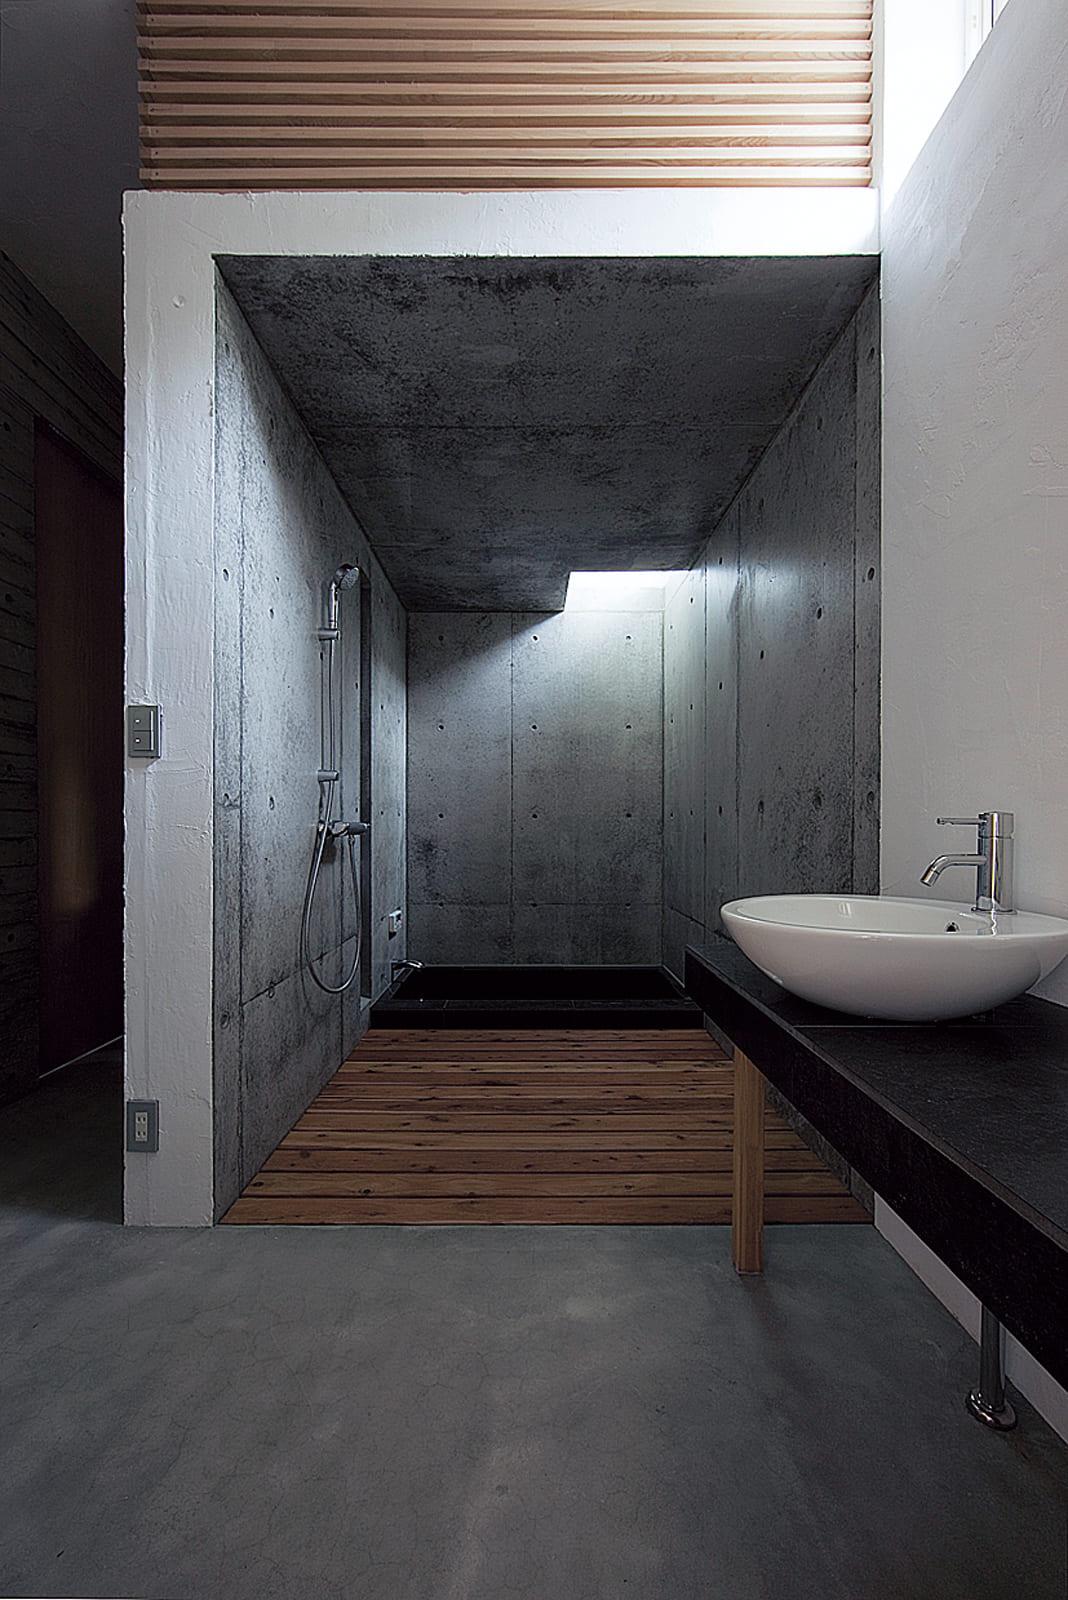 体についた砂を室内に持ち込まずに洗い流せるバスルーム。硯石を模したタイル張りの浴室も造作